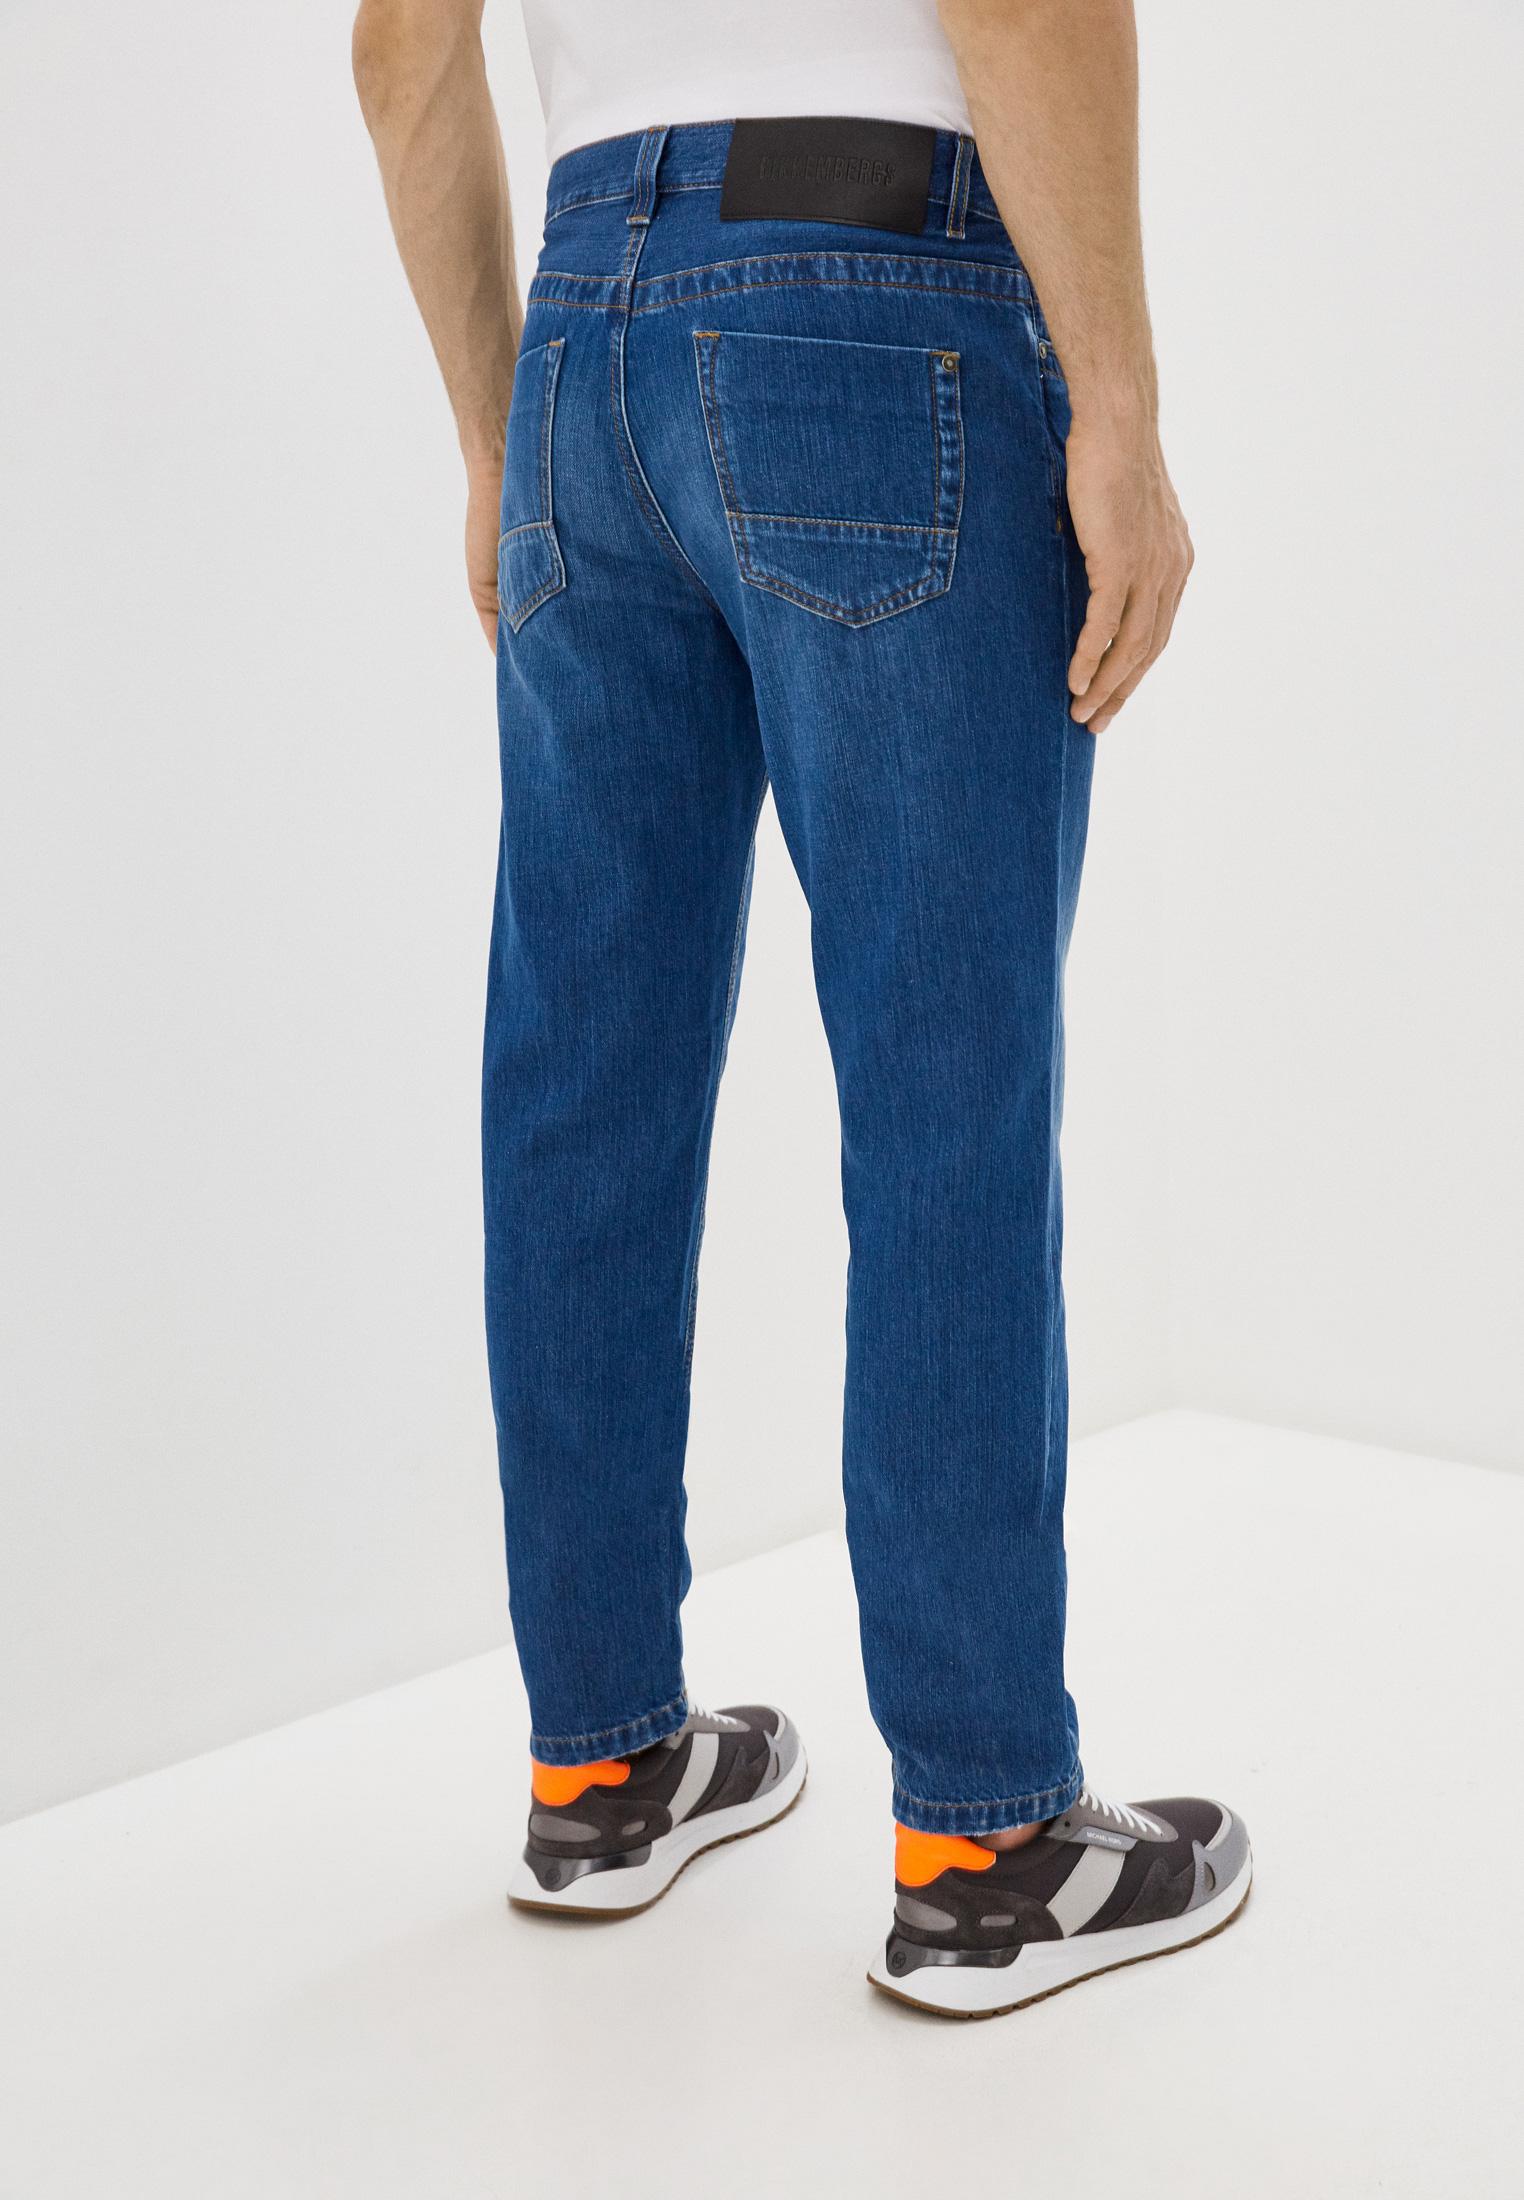 Мужские прямые джинсы Bikkembergs (Биккембергс) c q 102 03 t 9974: изображение 4